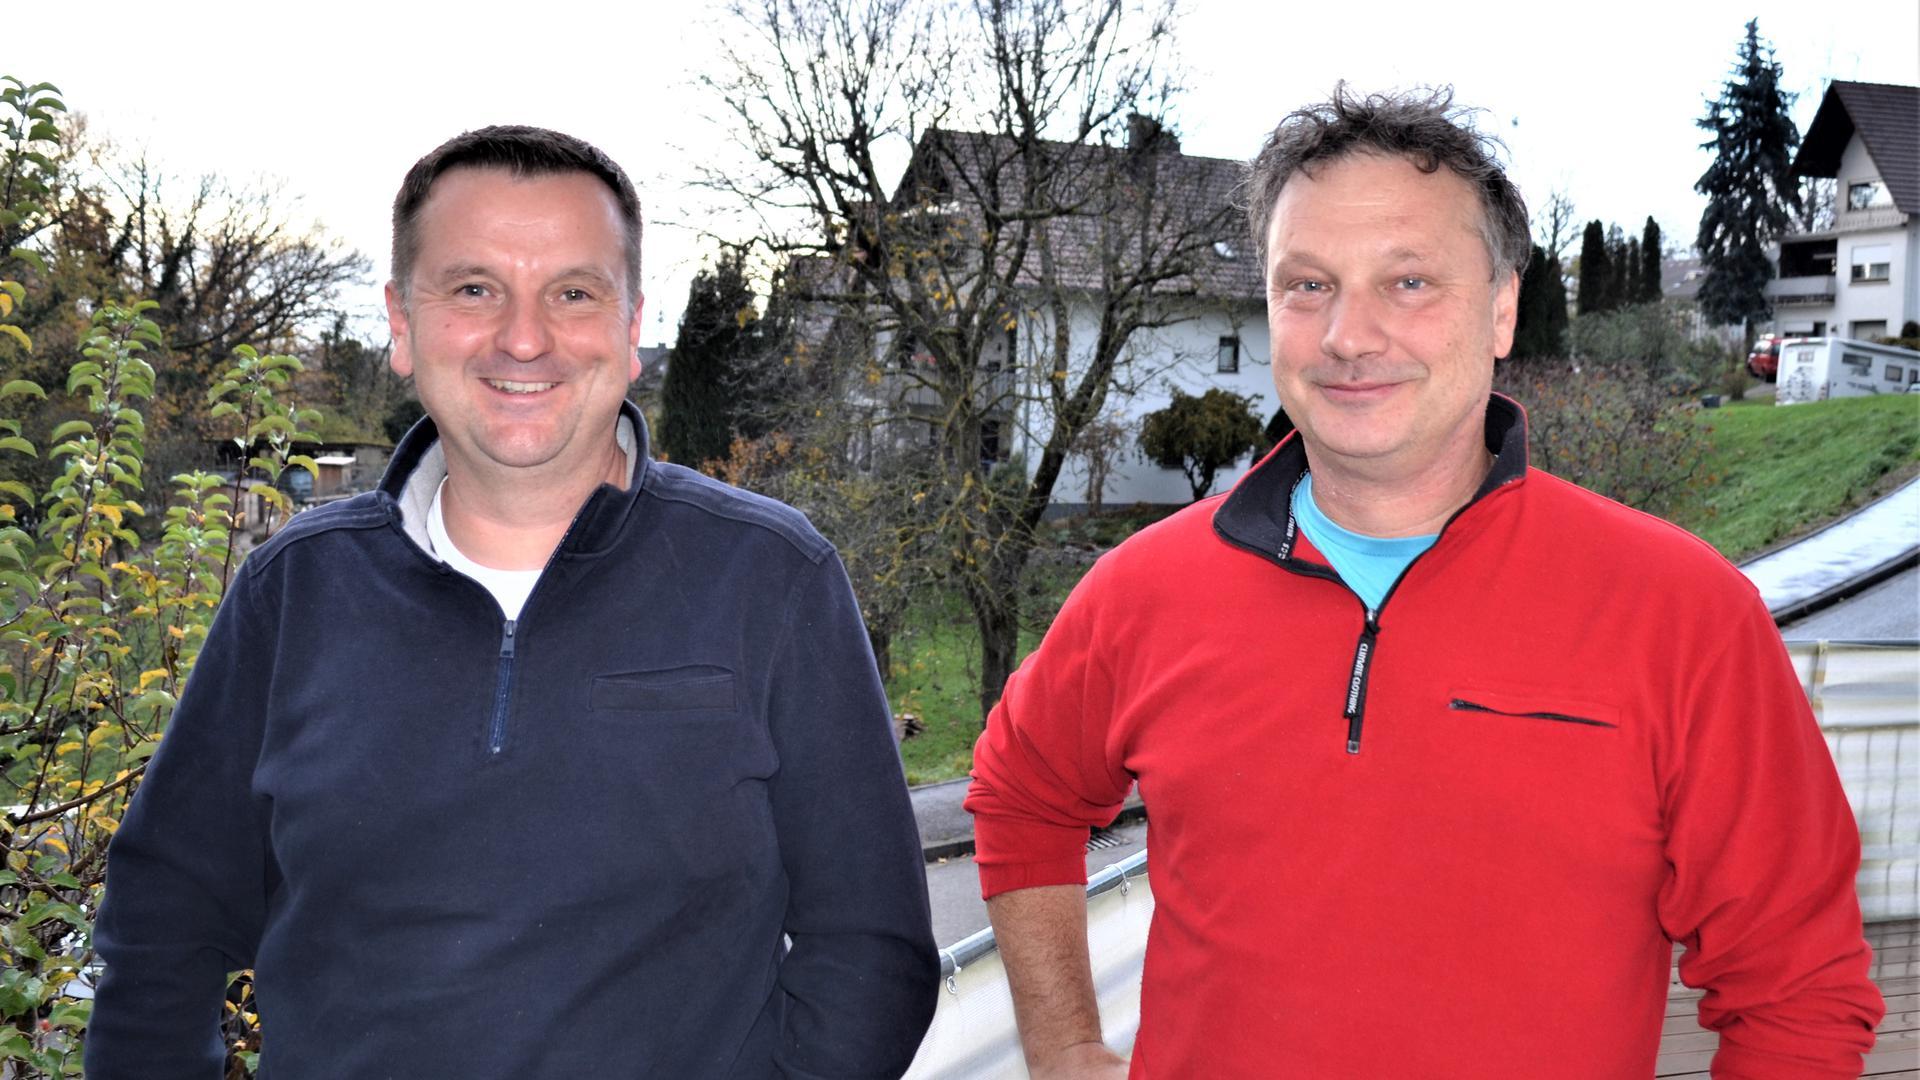 """Toni Böck und Dietrich Knoerzer (von links), sind gleichberechtigte Sprecher der Bürgerinitiative """"Keine Deponieerweiterung – kein PFC"""", Deponie Oberweier (Gaggenau)"""